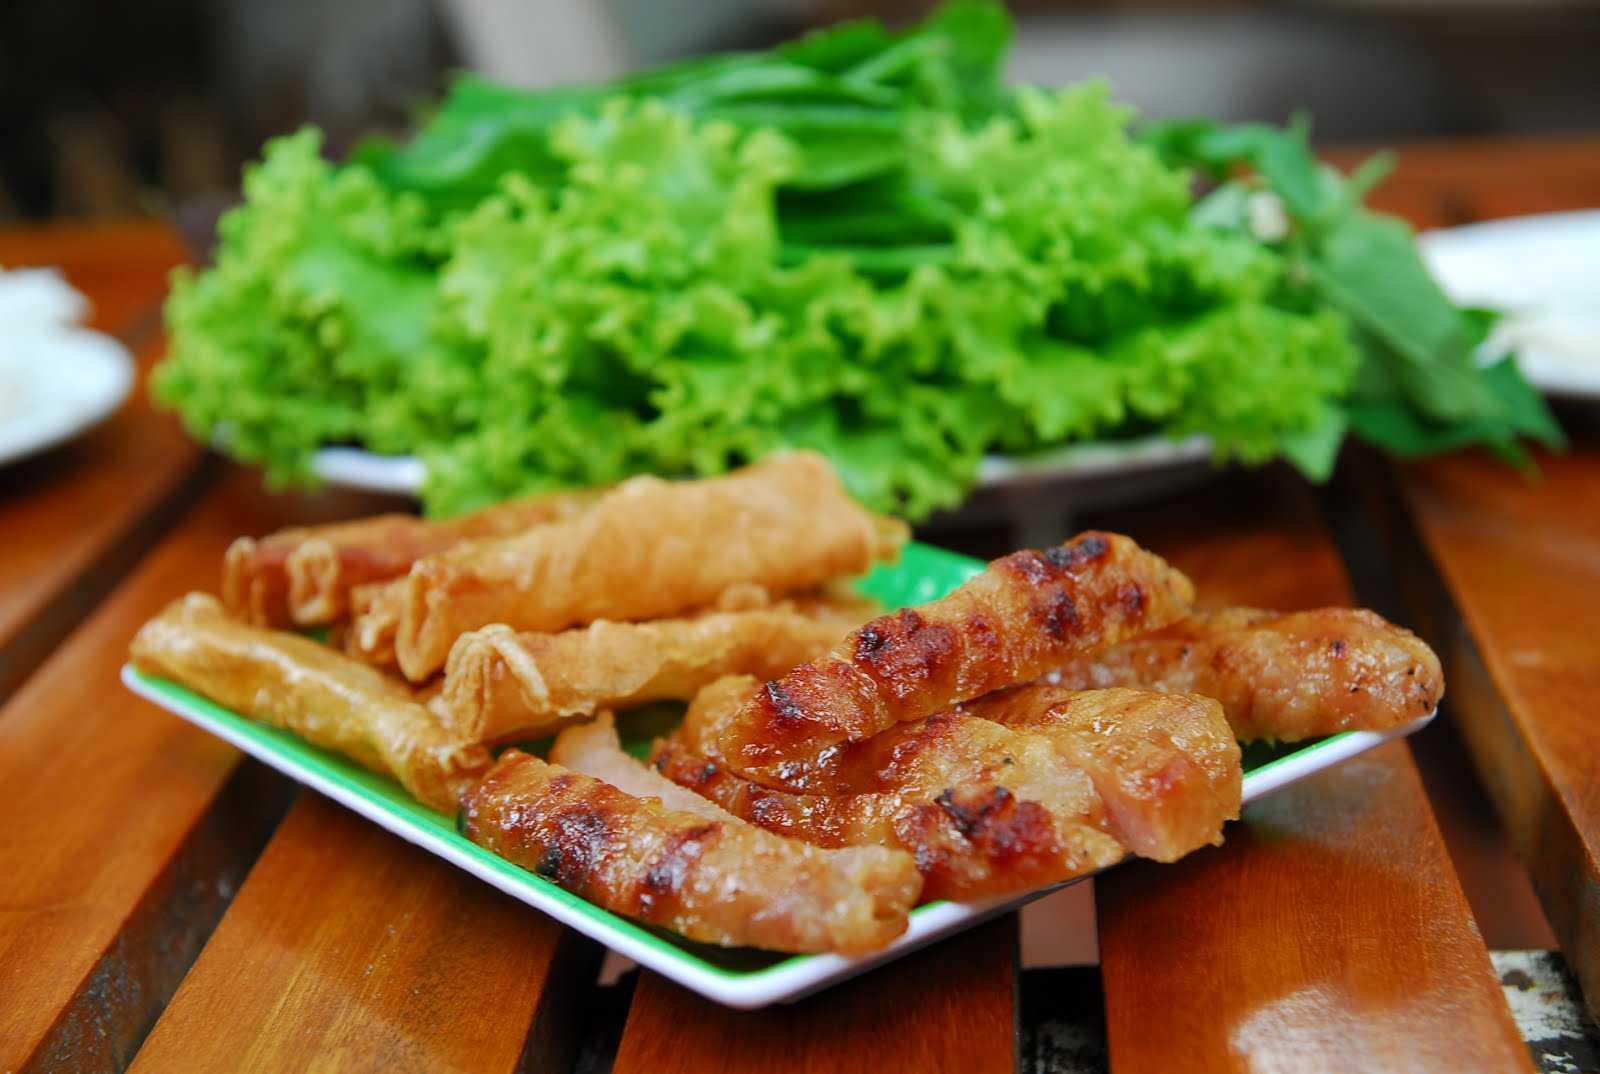 Điểm nhấn chính là nước chấm được làm từ gan, tôm, thịt và đậu xay nhuyễn tạo thành một hỗn hợp rất đặc biệt.